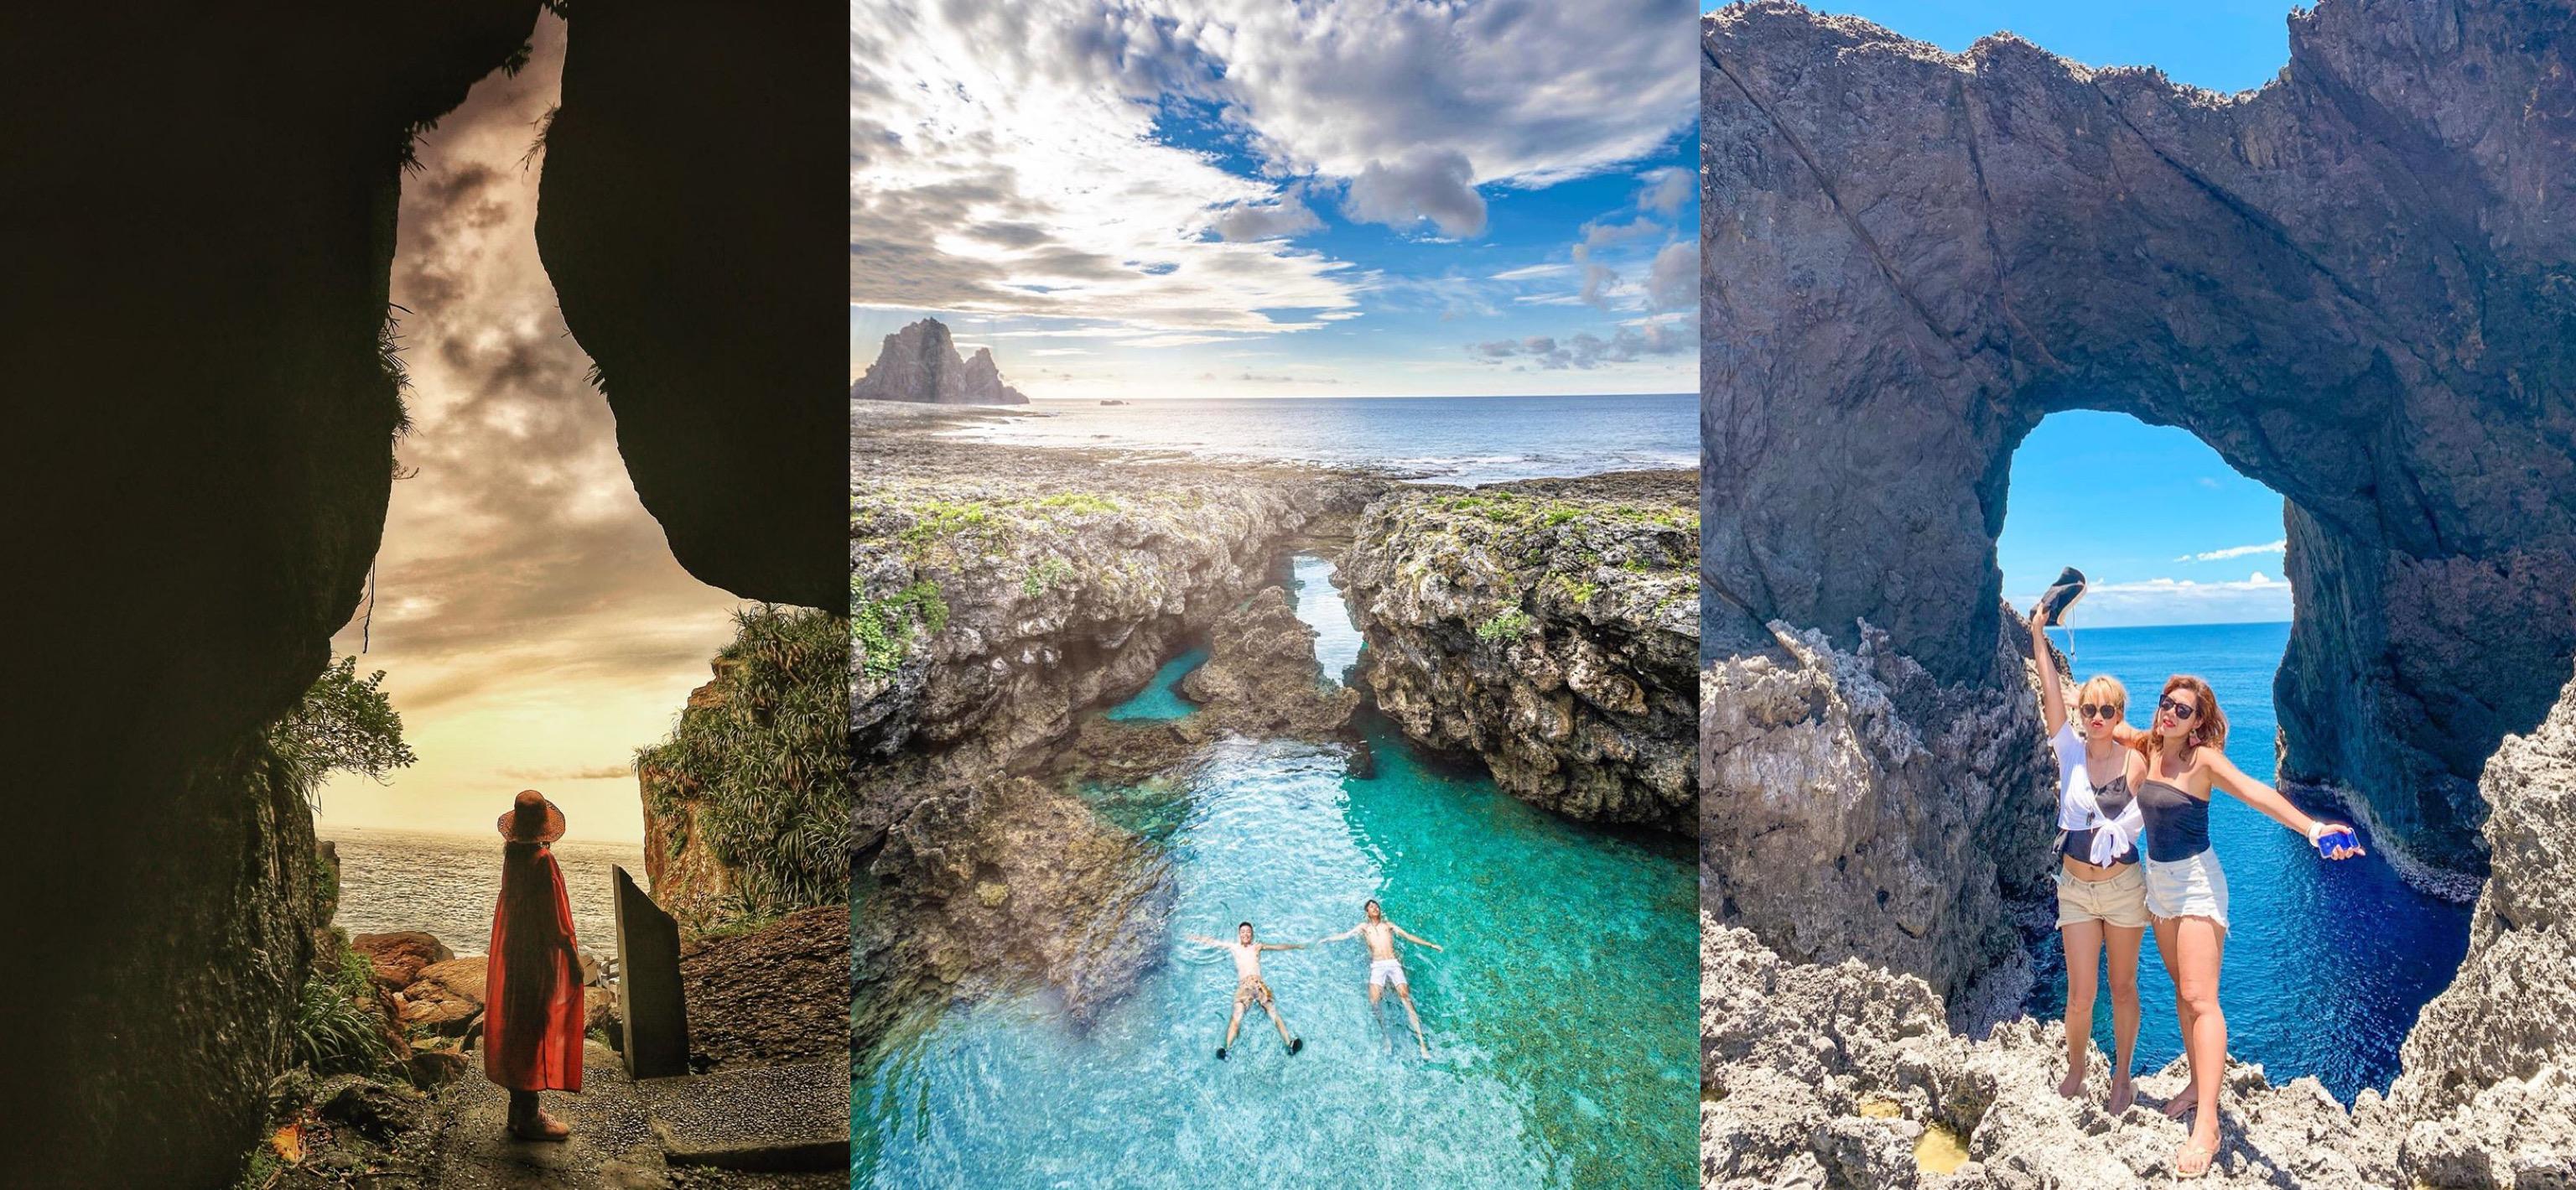 攝影師帶你拍!東海岸五大海蝕秘境夢幻美景必訪清單